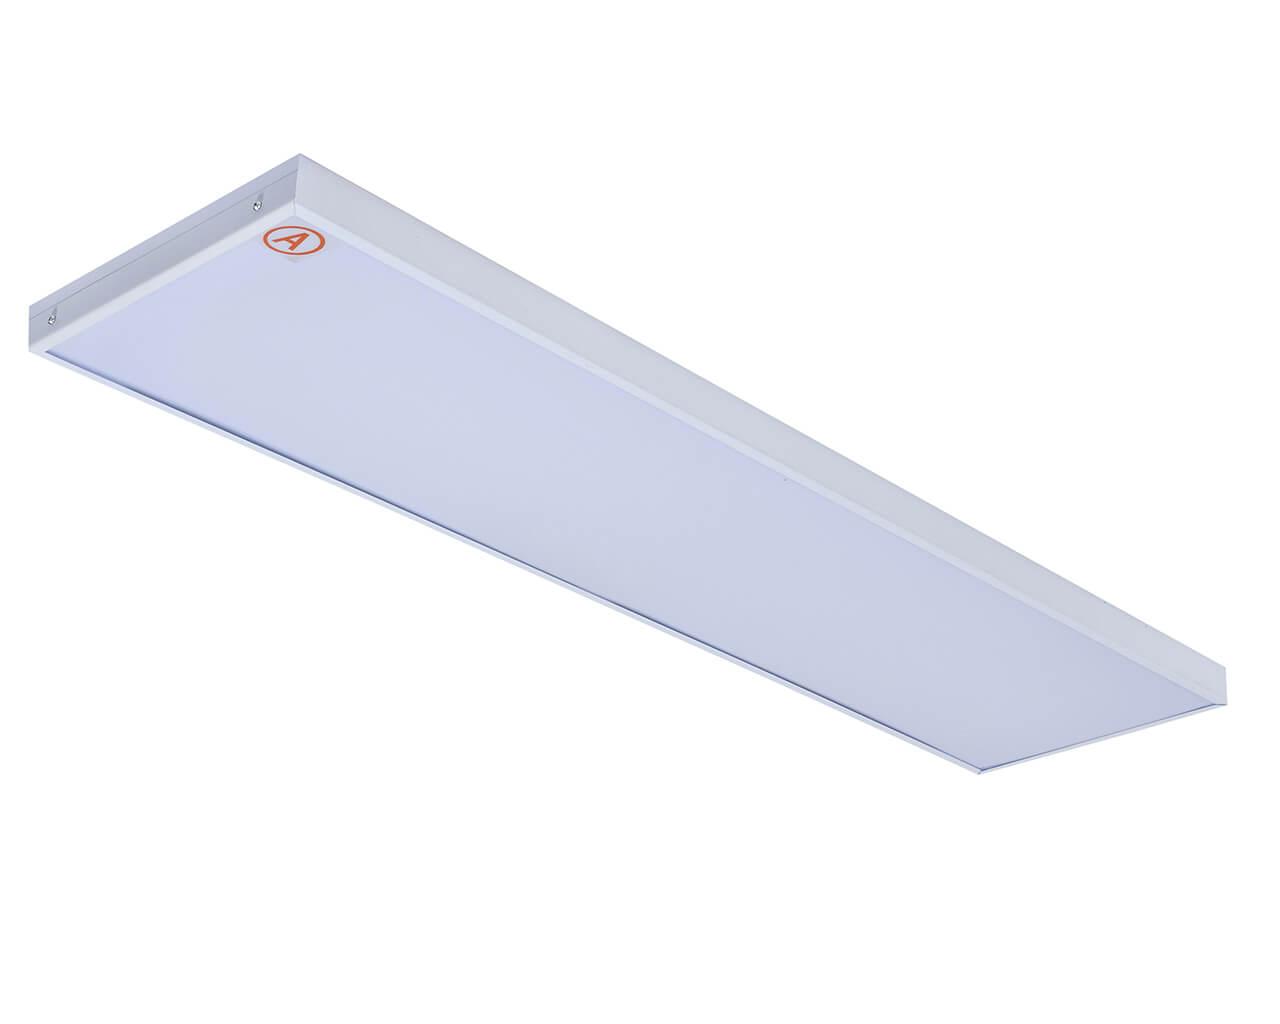 Накладной светильник LC-NSM-40-OP-WW ватт 1195x295 Теплый белый Опал с Бап